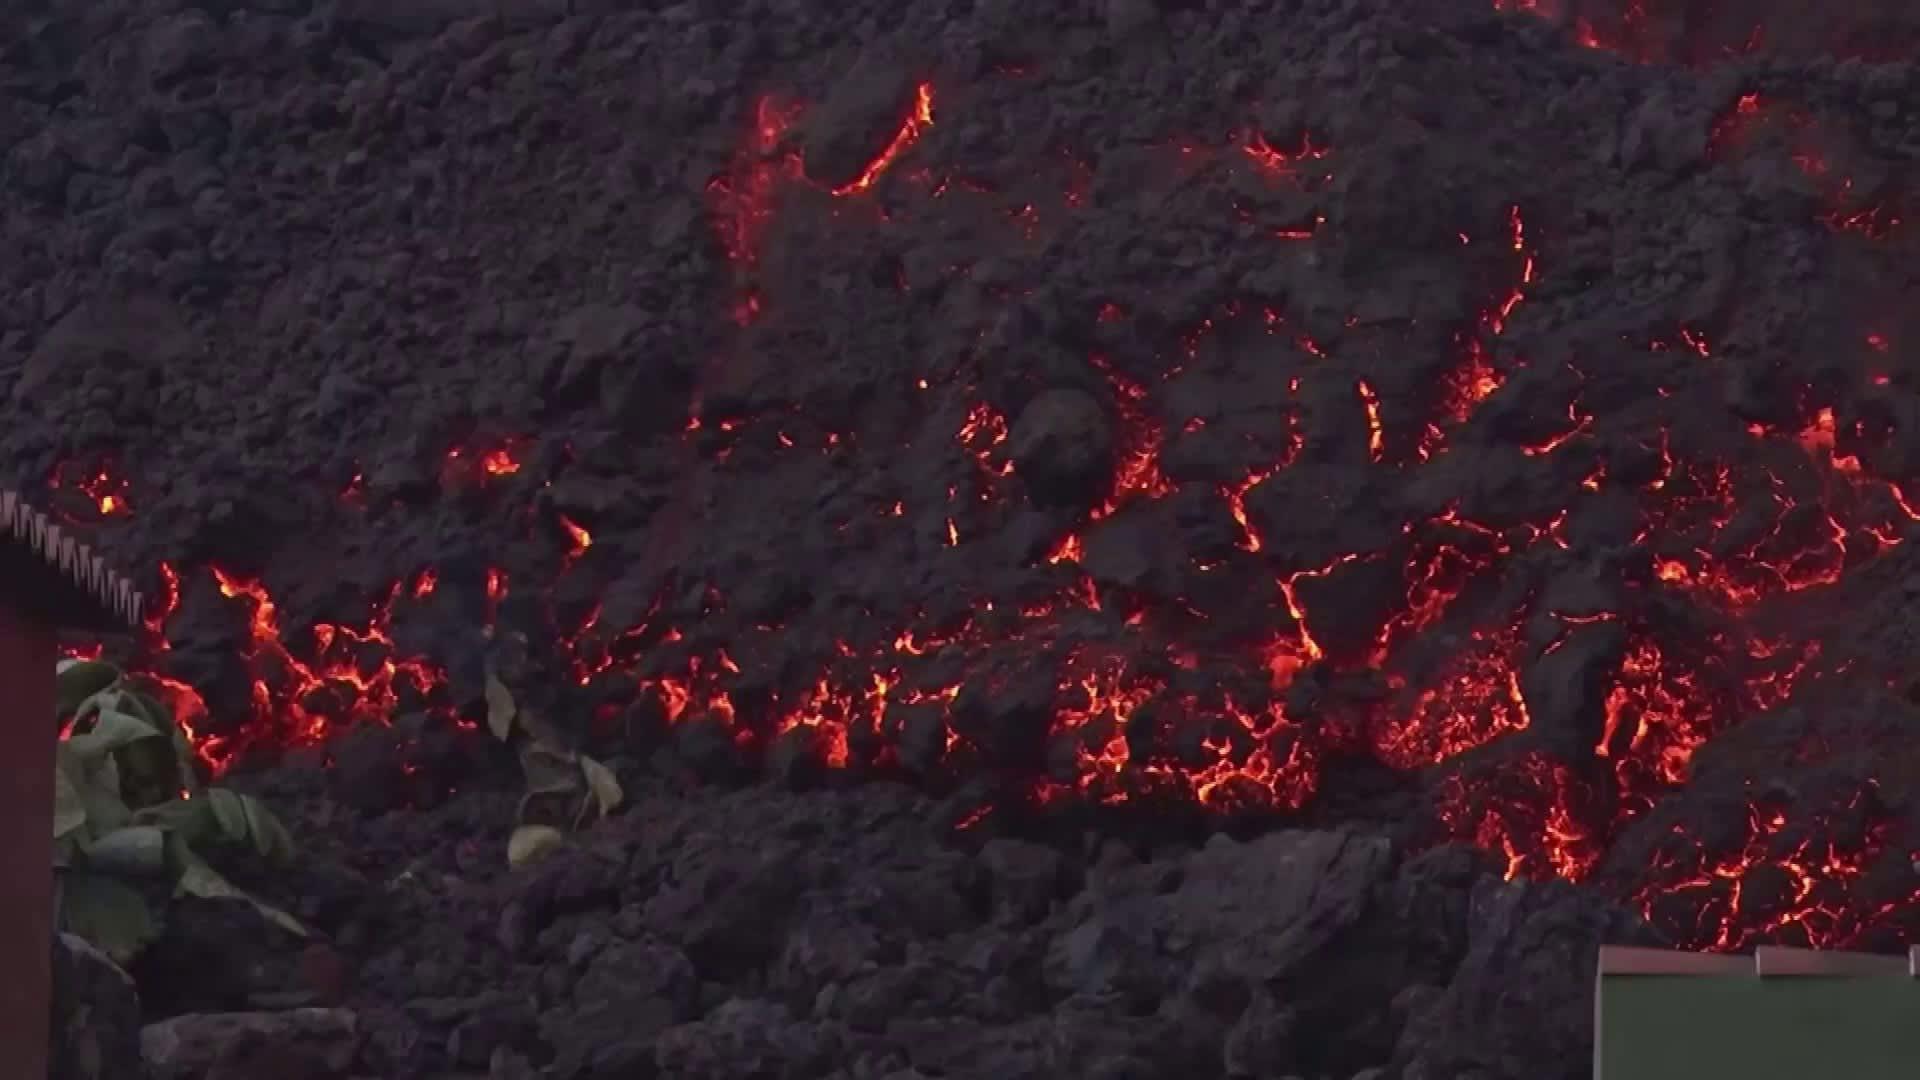 Laava tekee tuhoja La Palman saarella Espanjassa